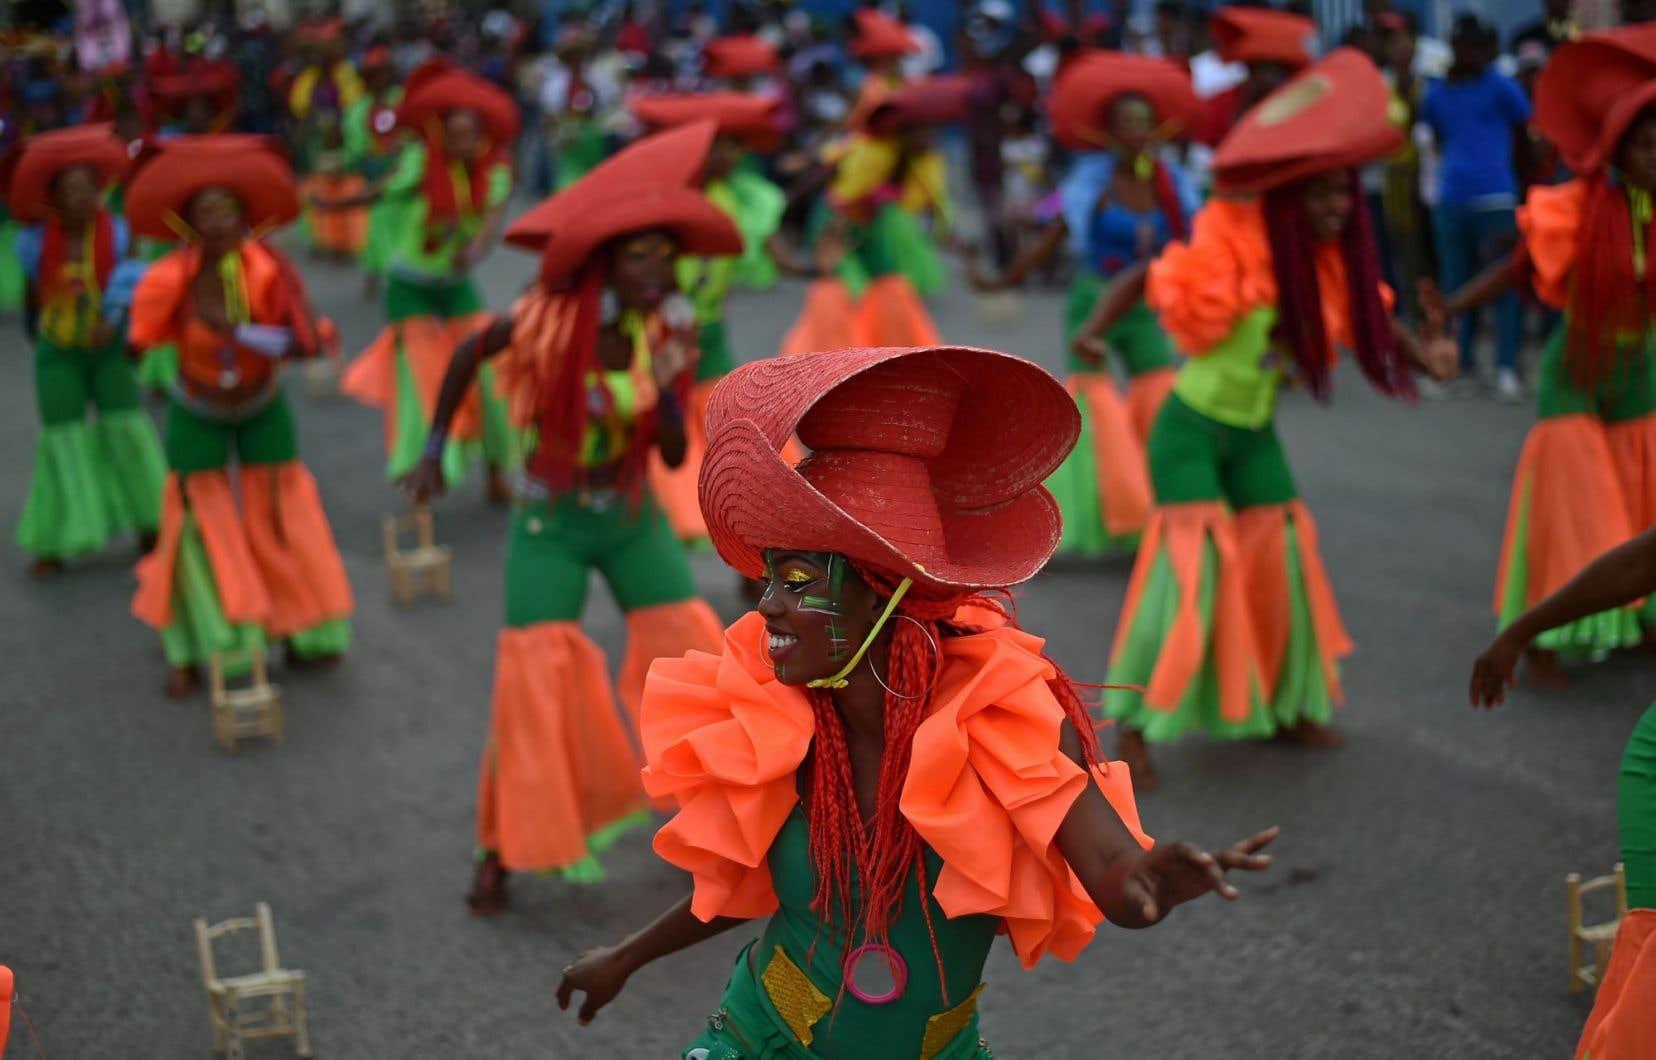 Une troupe de danse s'exécute au premier jour du Carnaval national d'Haïti dans les rues de Port-au-Prince.